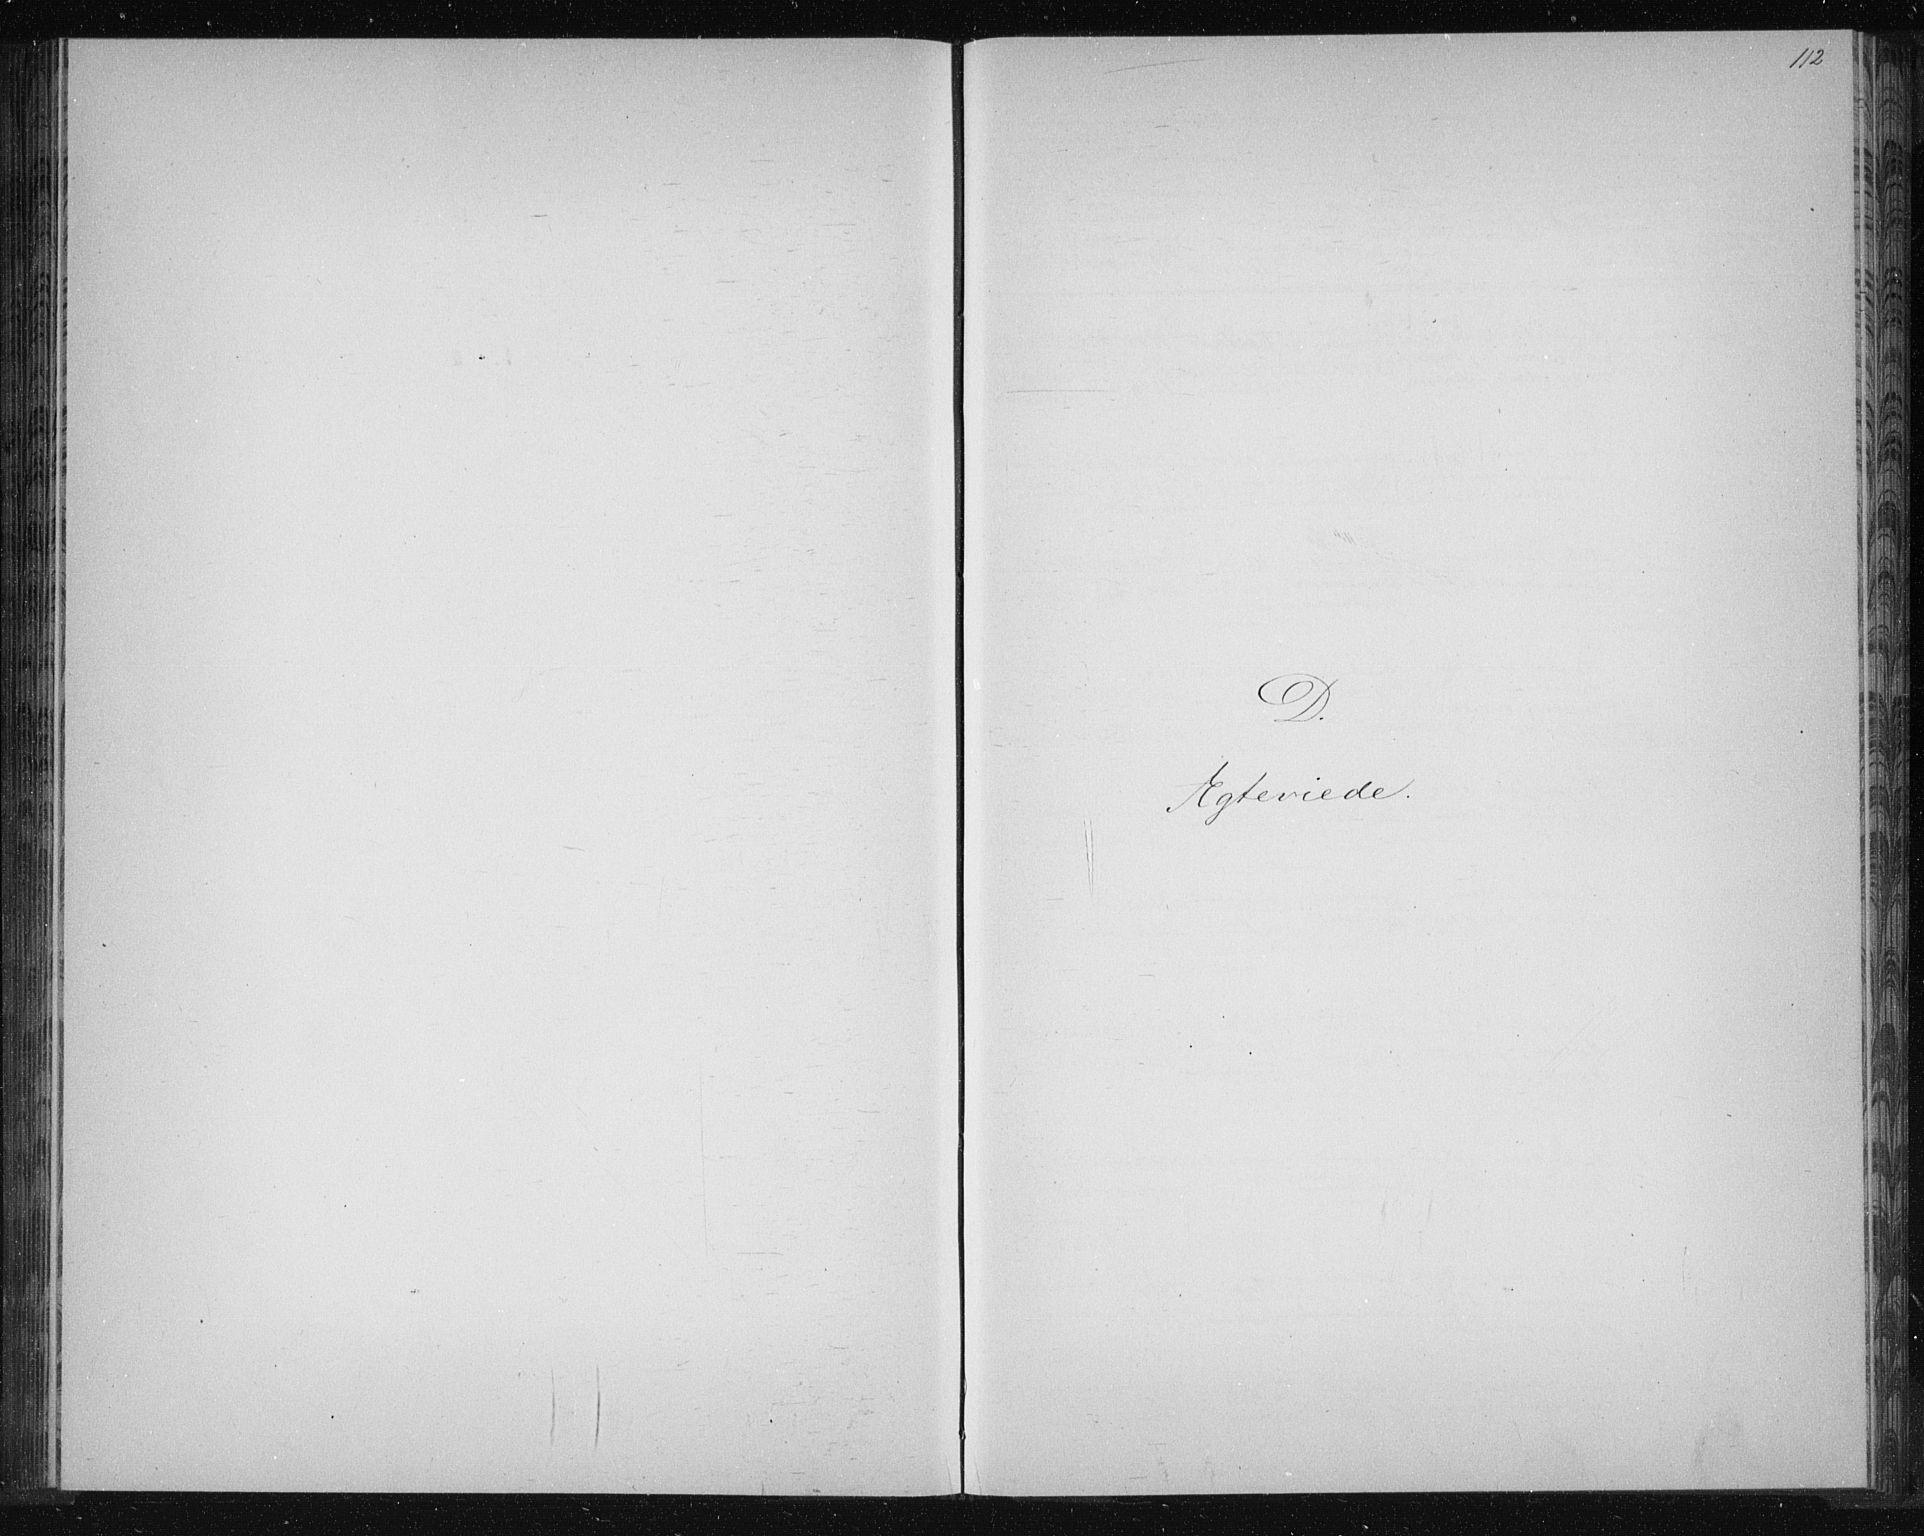 SAKO, Solum kirkebøker, G/Ga/L0006: Klokkerbok nr. I 6, 1882-1883, s. 112